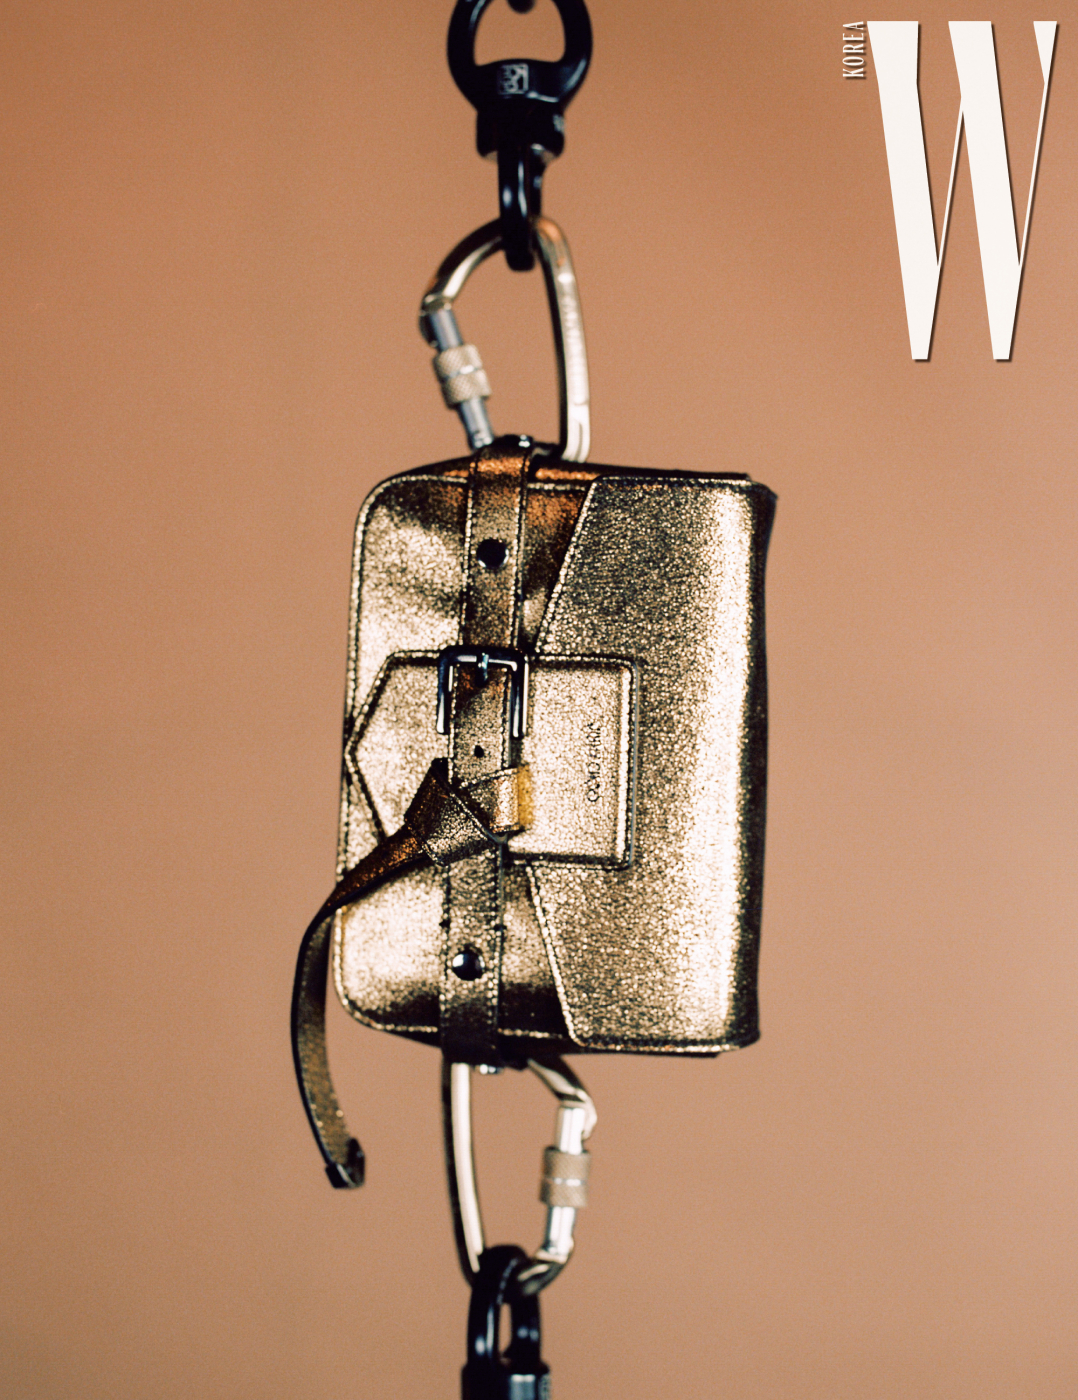 메탈릭한 보 장식 크로스백은 Jimmy Choo 제품.